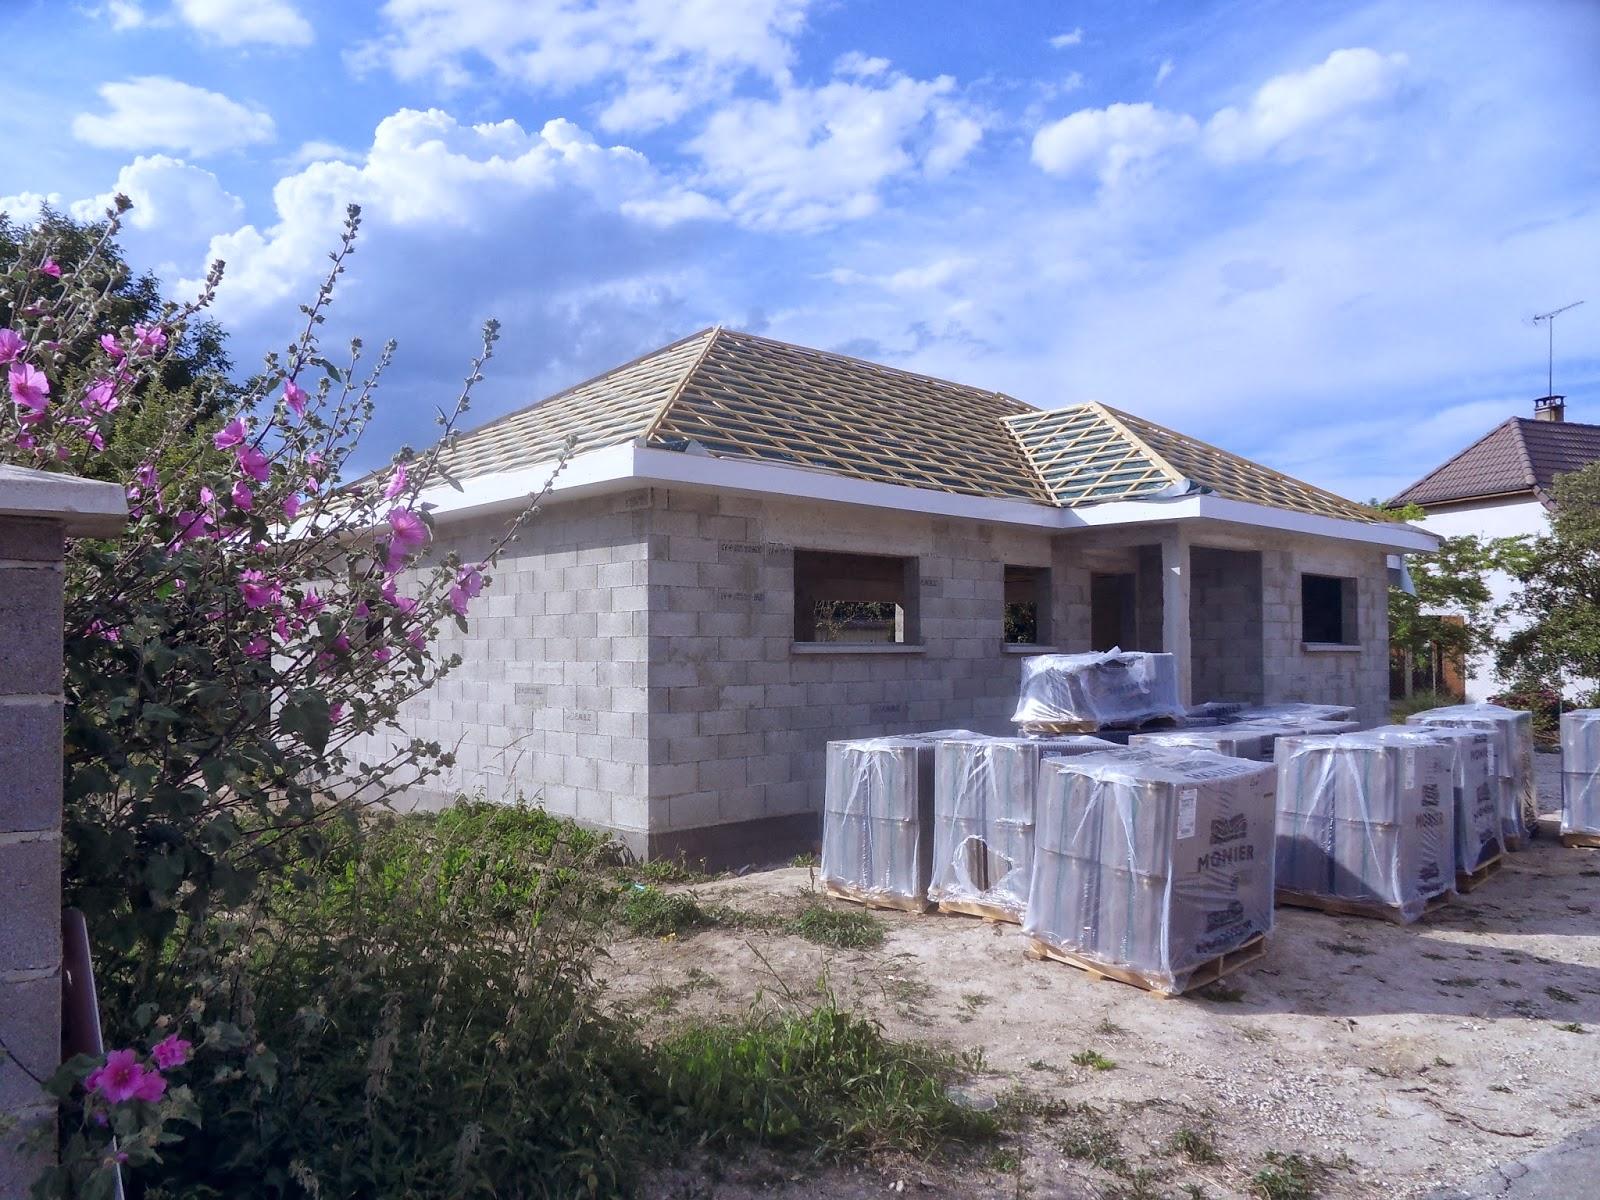 Good notre maison babeau seguin saint memmie le blog des for Maison babeau seguin avis